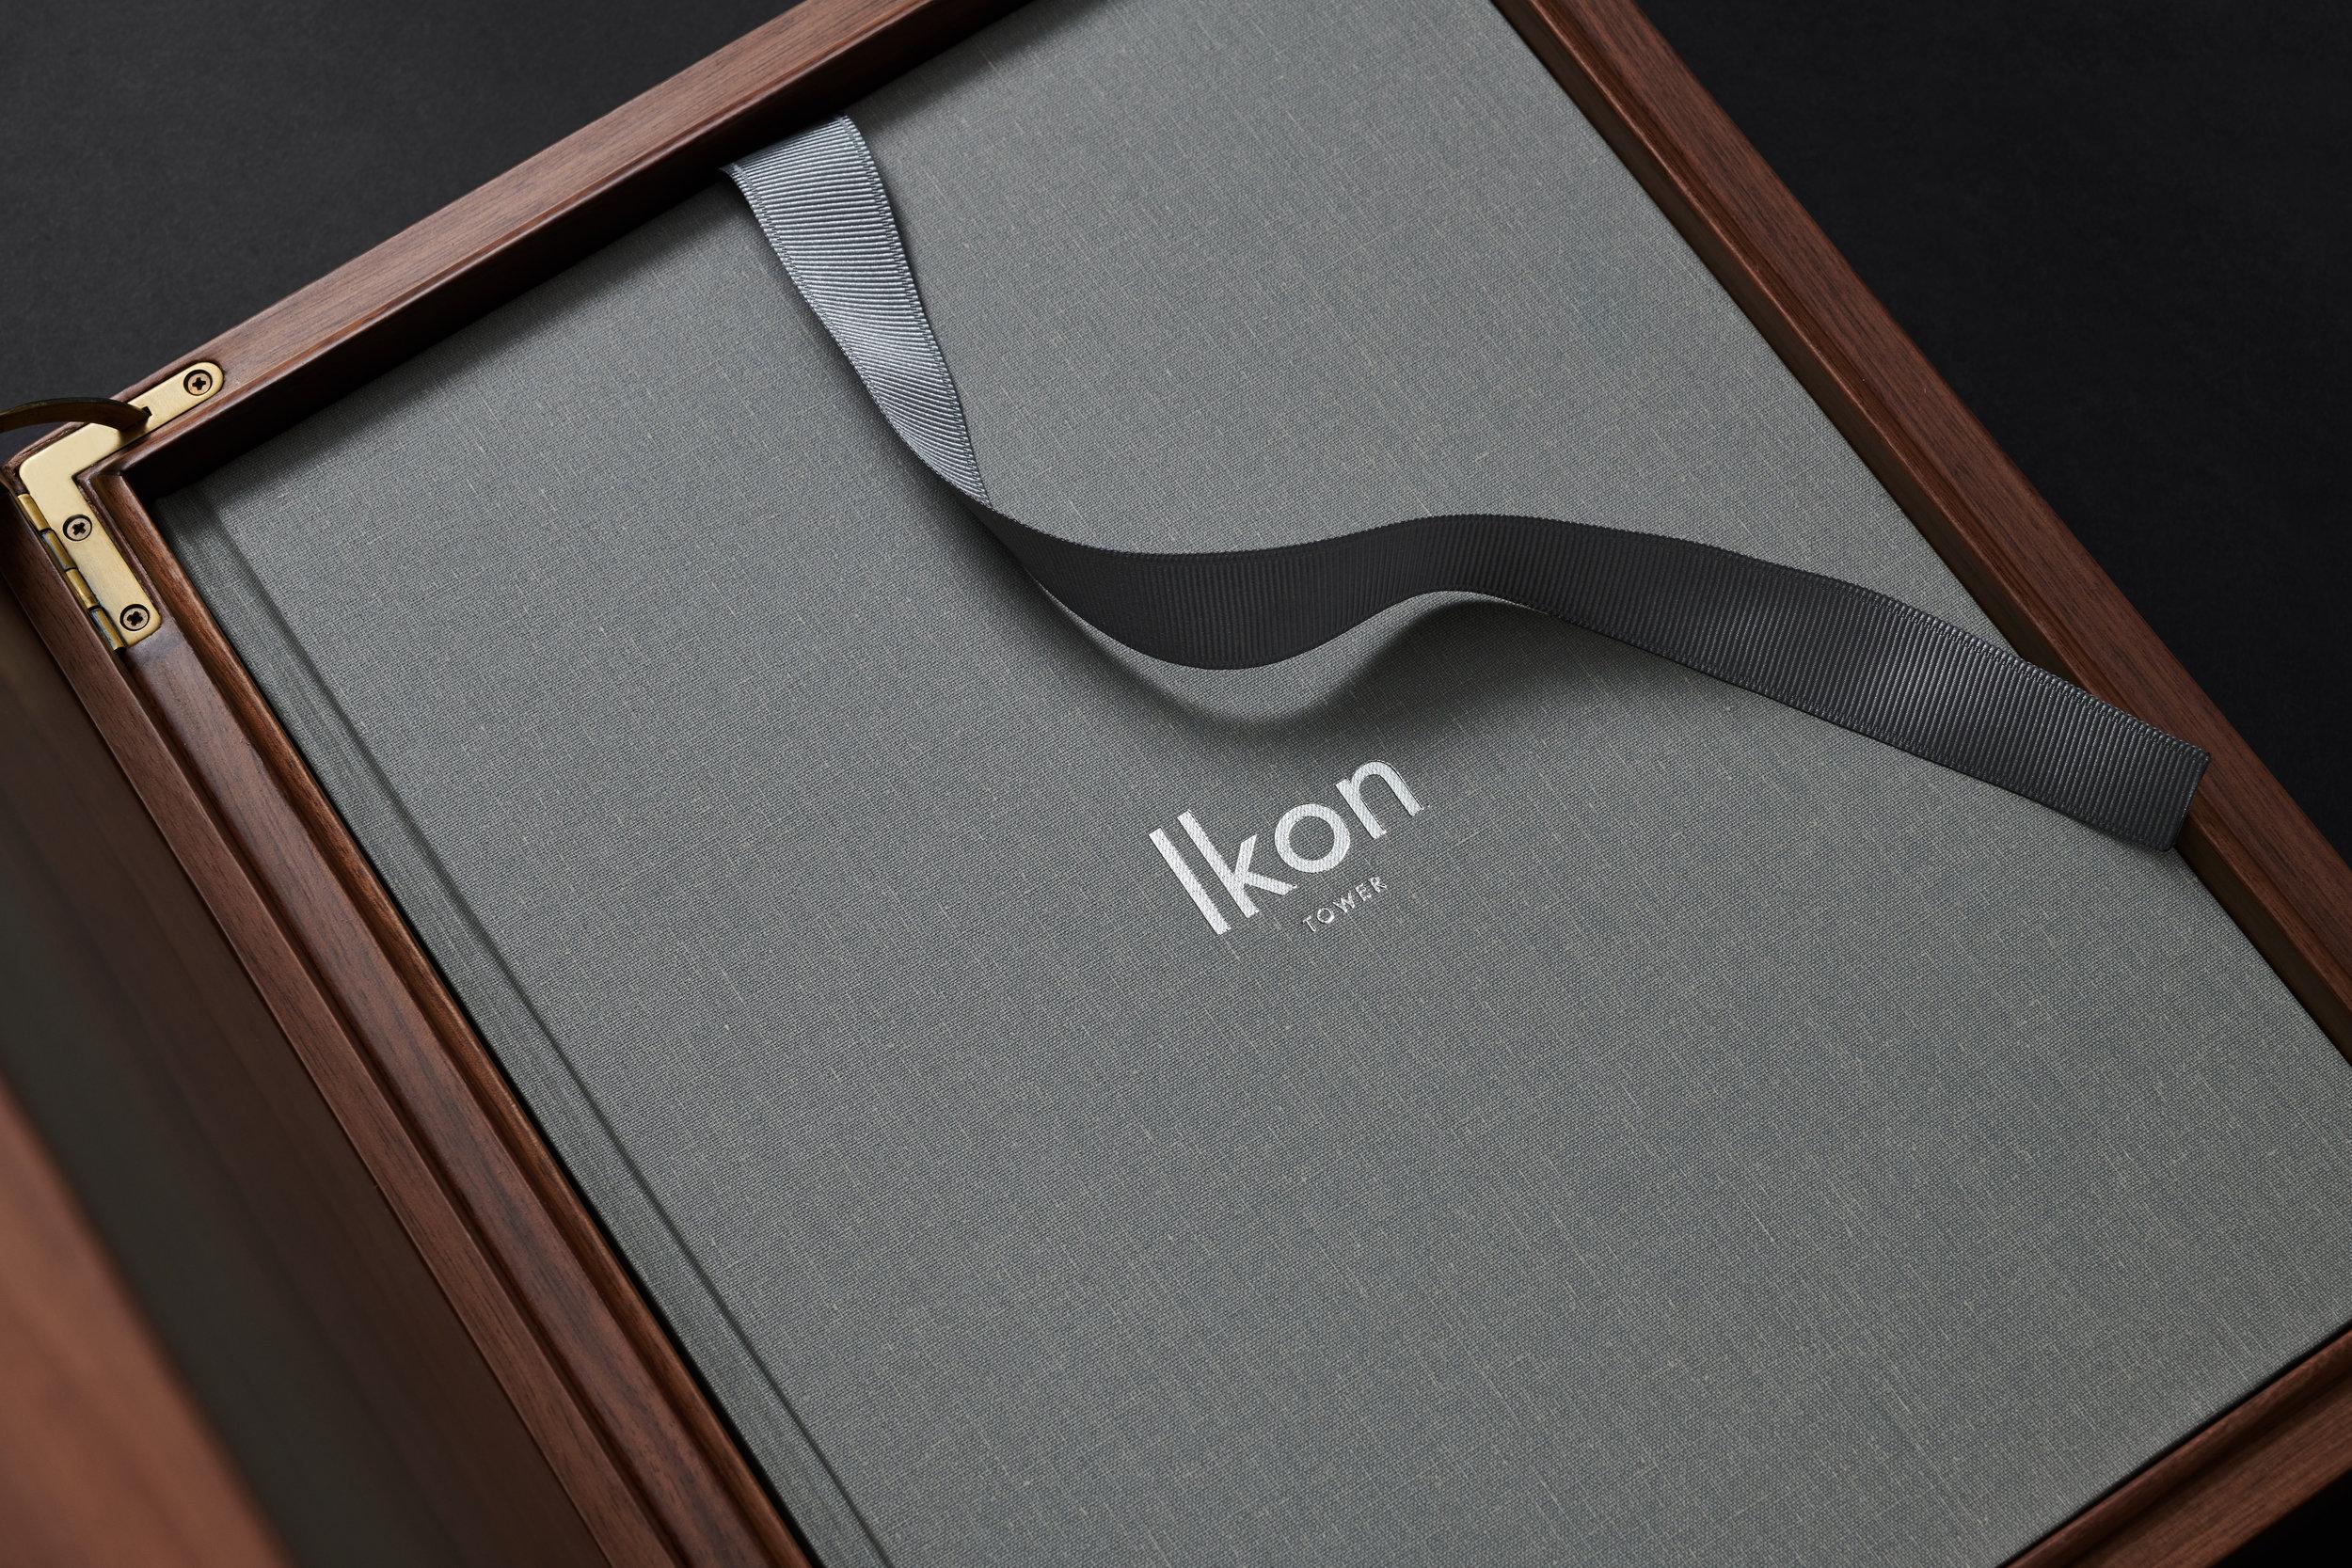 LAT_Ikon_Box_Book.jpg